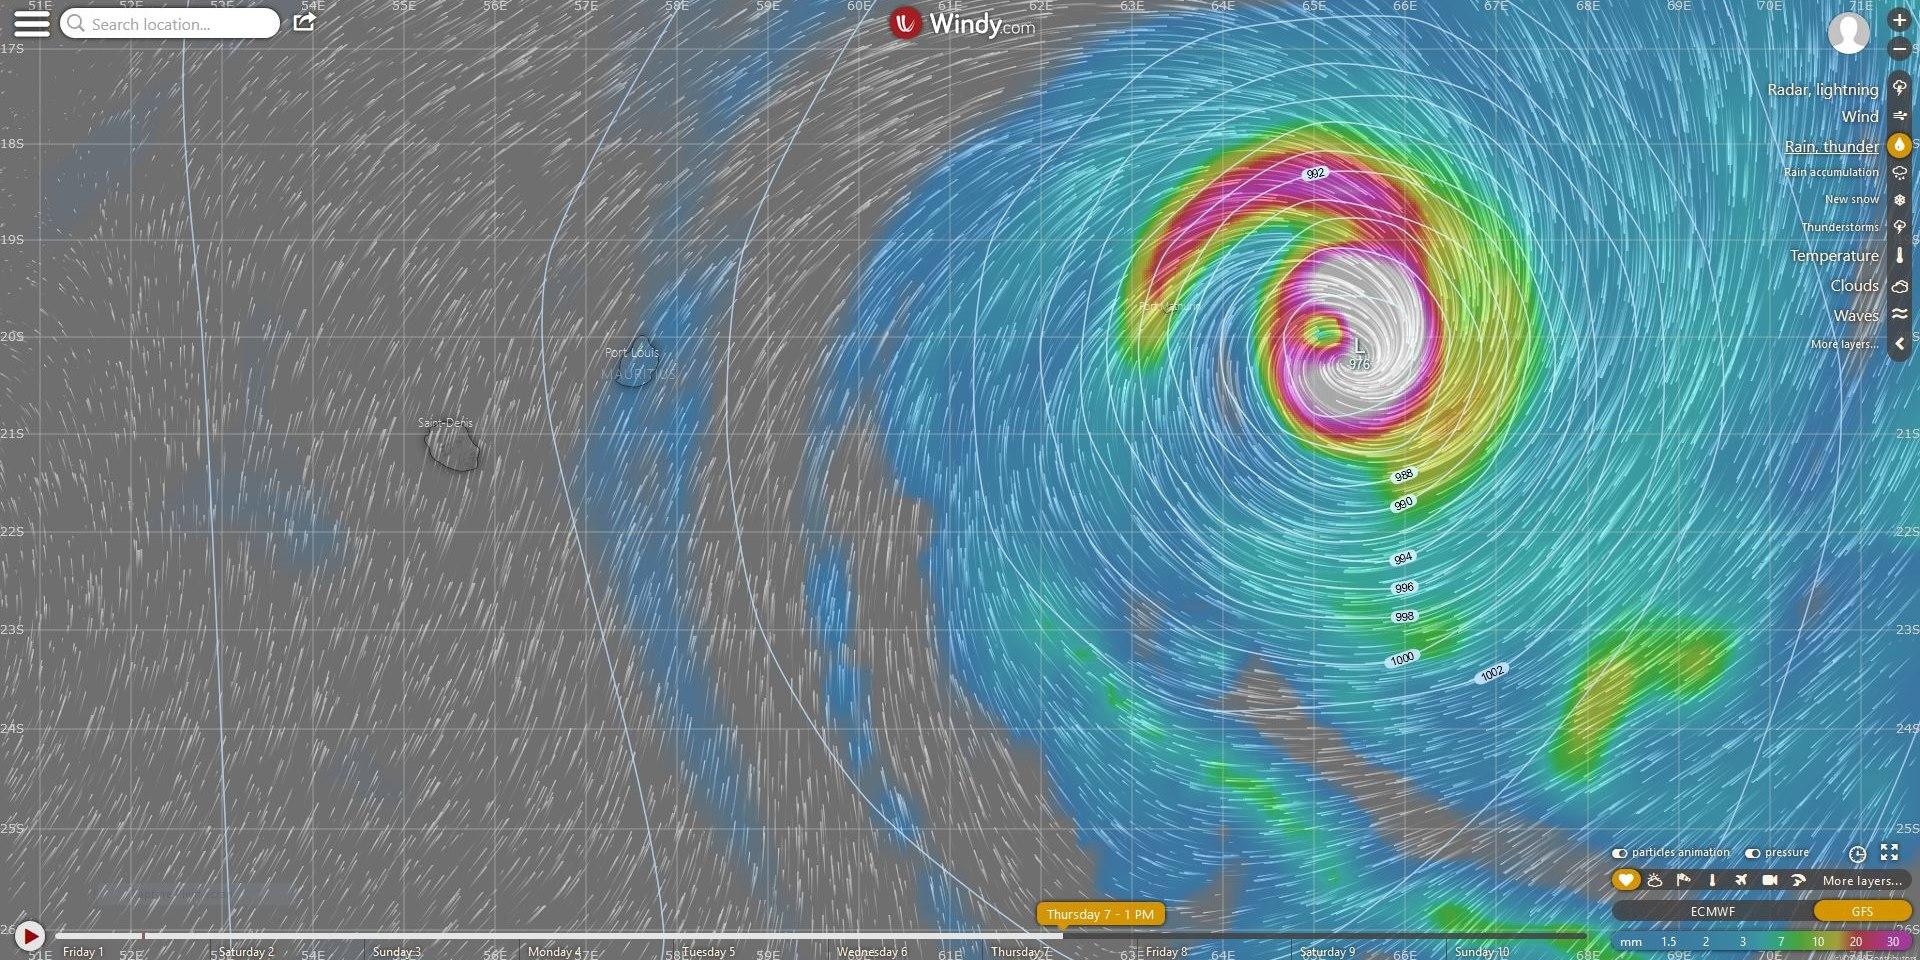 GFS, modèle américain, a près de 3 jours d'avance sur ECMWF et fait passer l'éventuel système à l'est de Rodrigues.